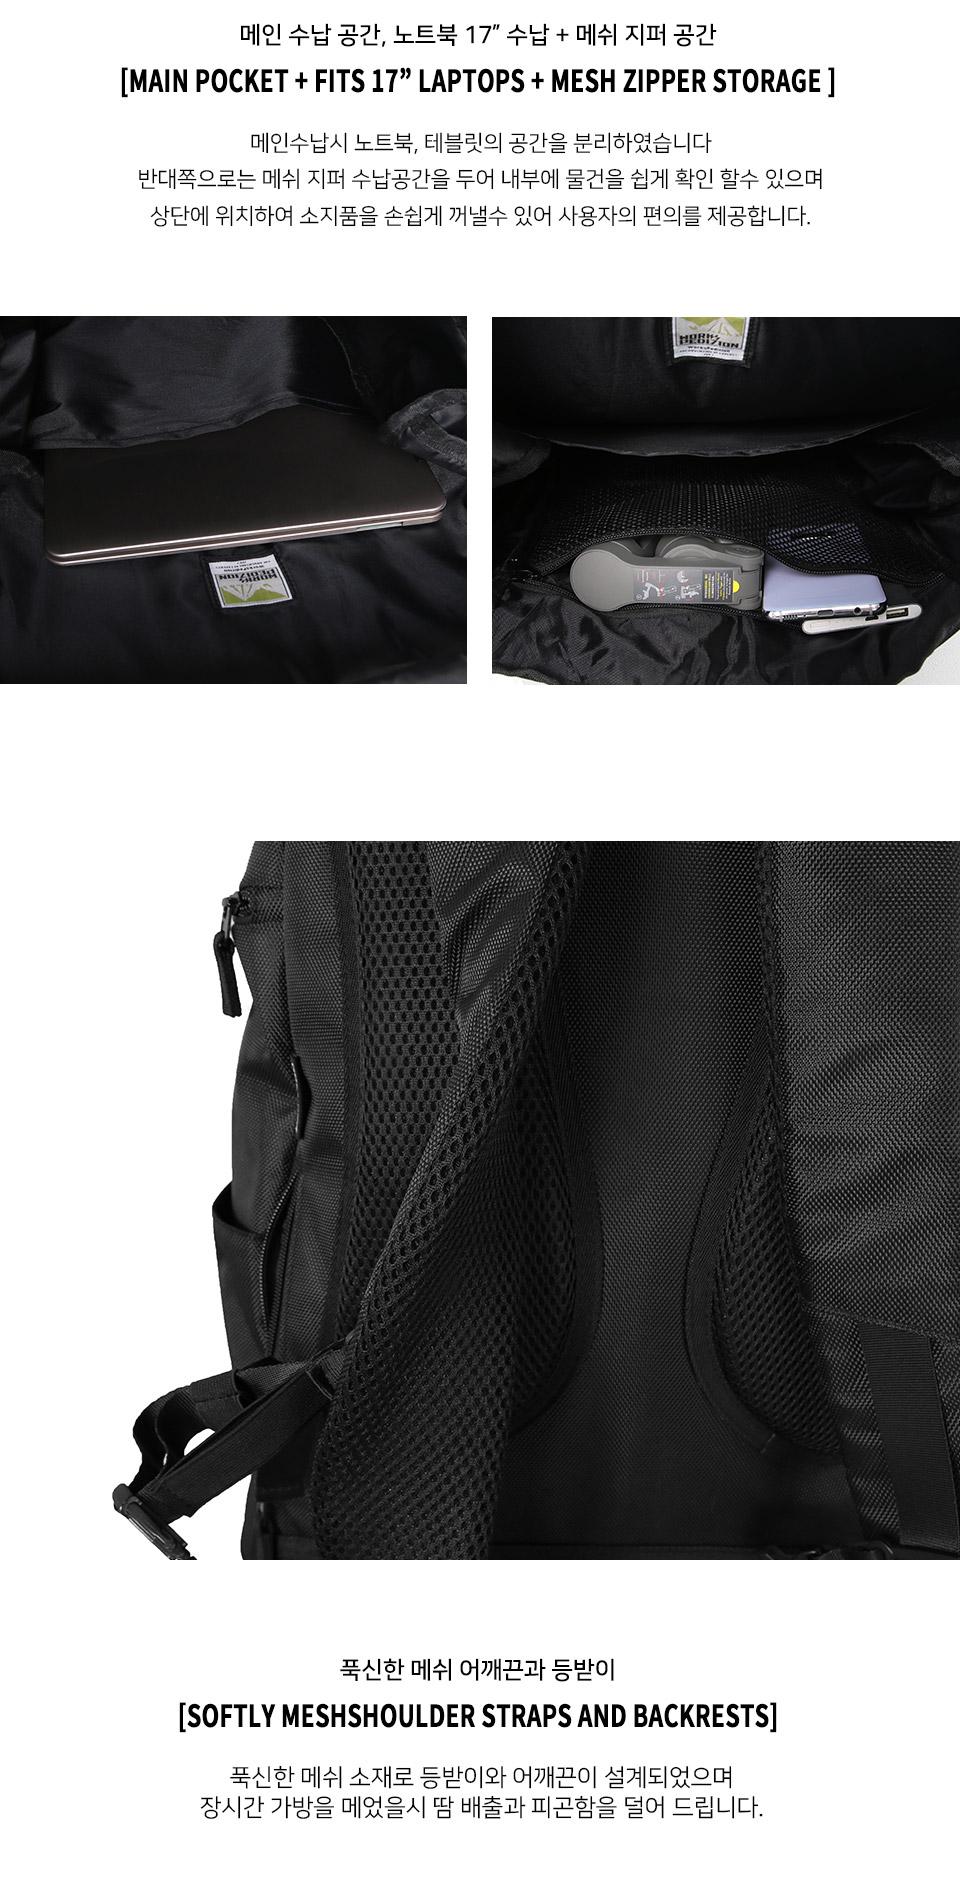 웍스페디션 디펜시브 베이스 백팩 블랙 - 웍스페디션, 57,900원, 백팩, 패브릭백팩